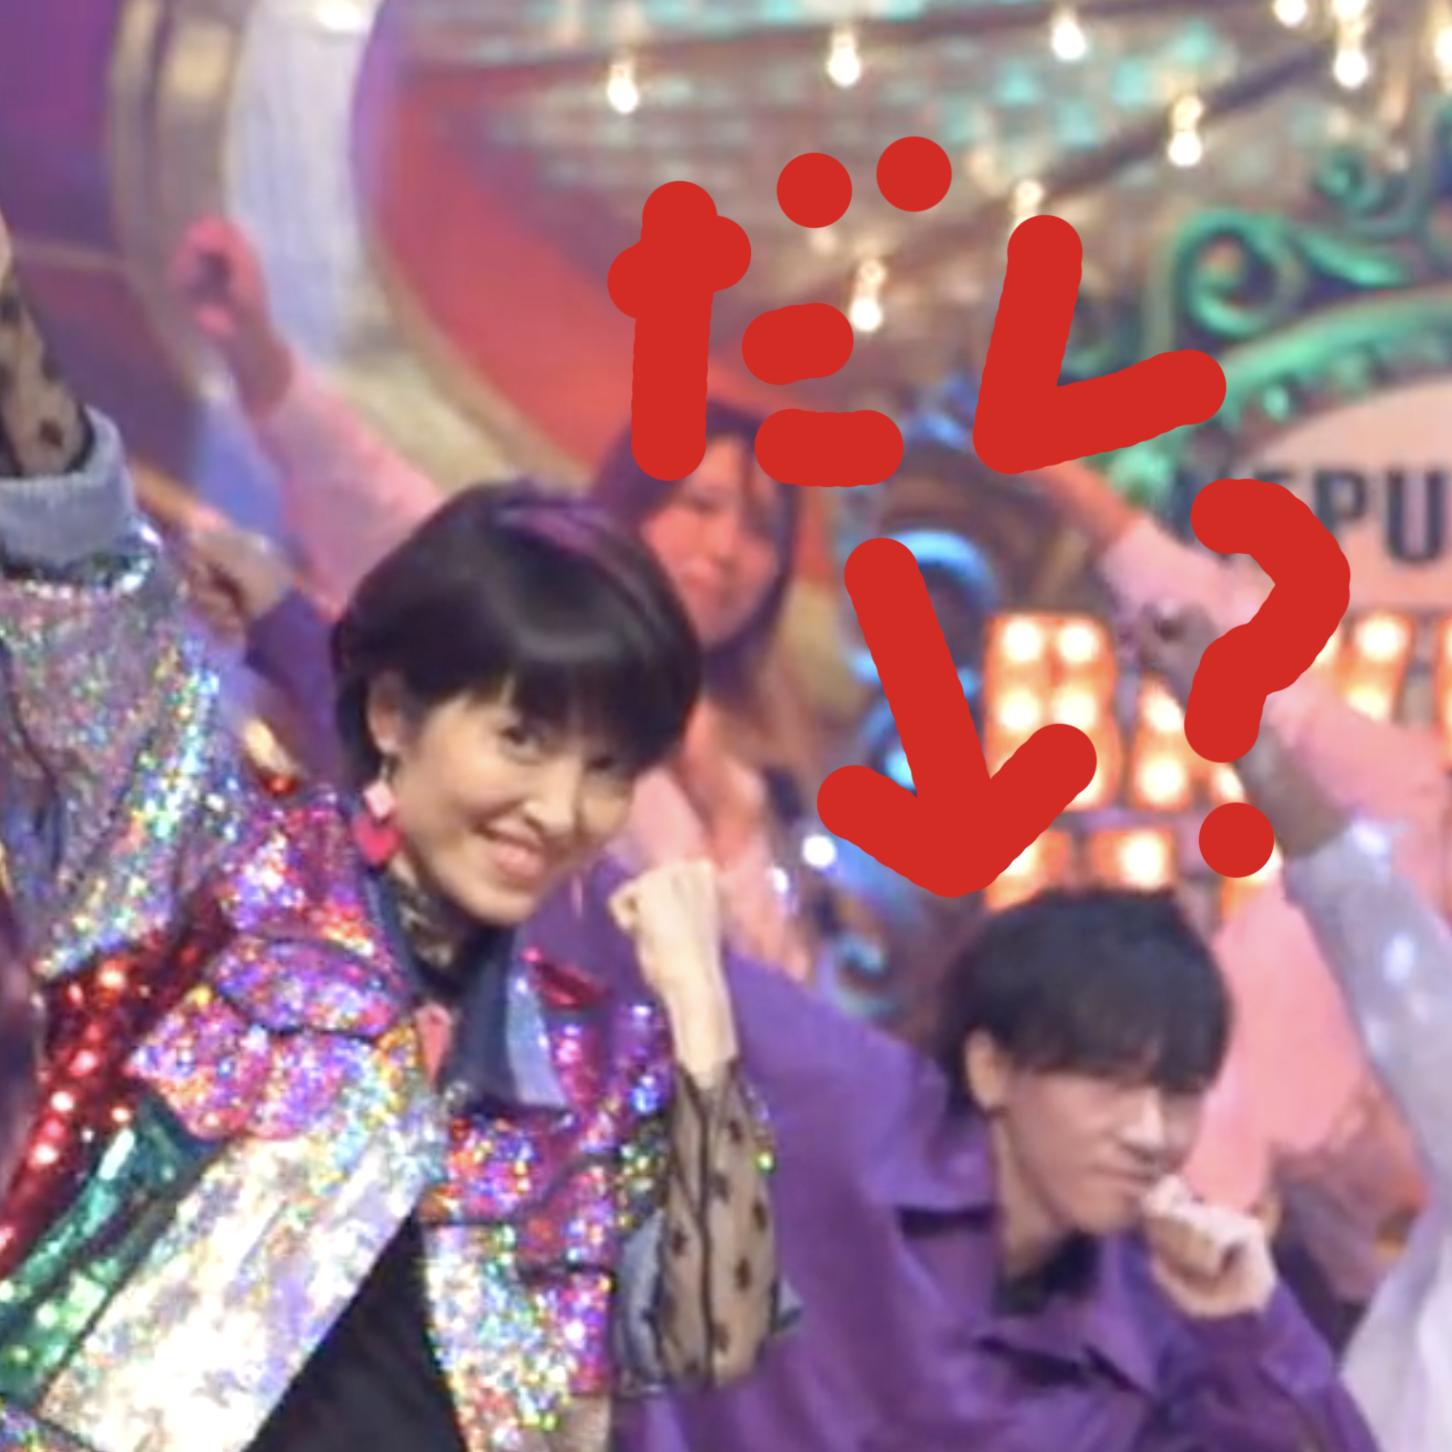 ネプ&ローラのイケメンバックダンサーだれ?Keisuke?【画像】